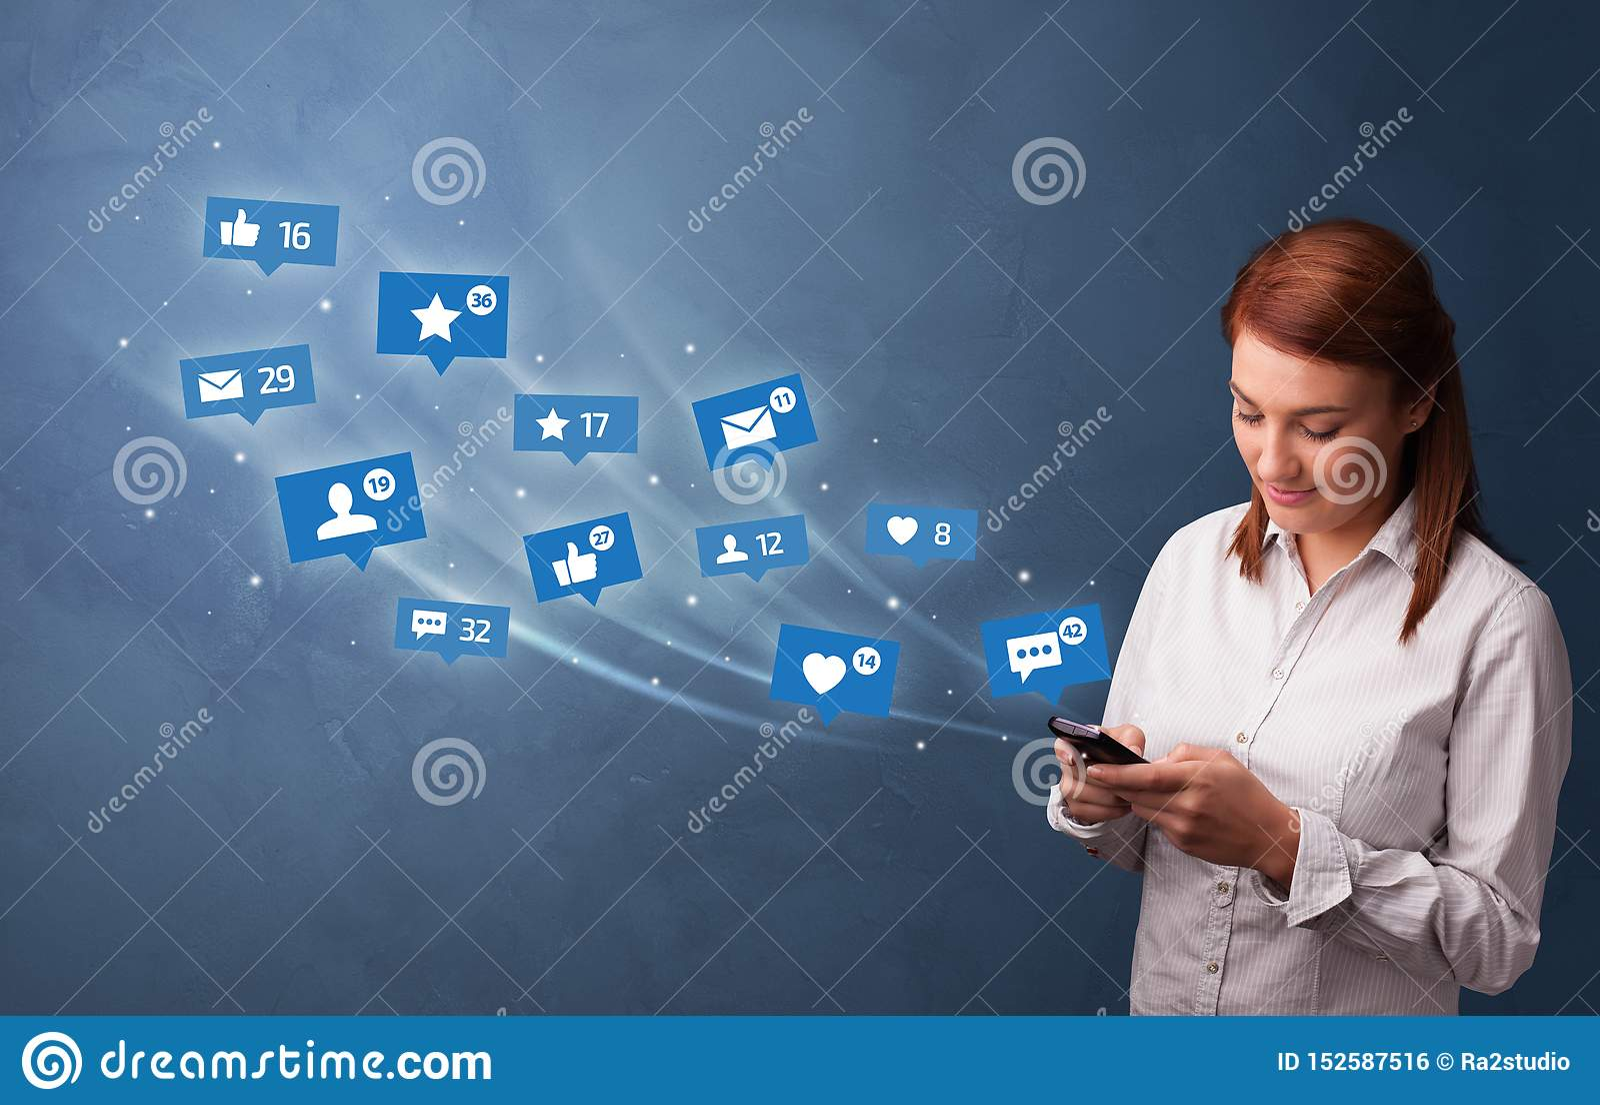 Persona joven usando el tel?fono con concepto social de los medios